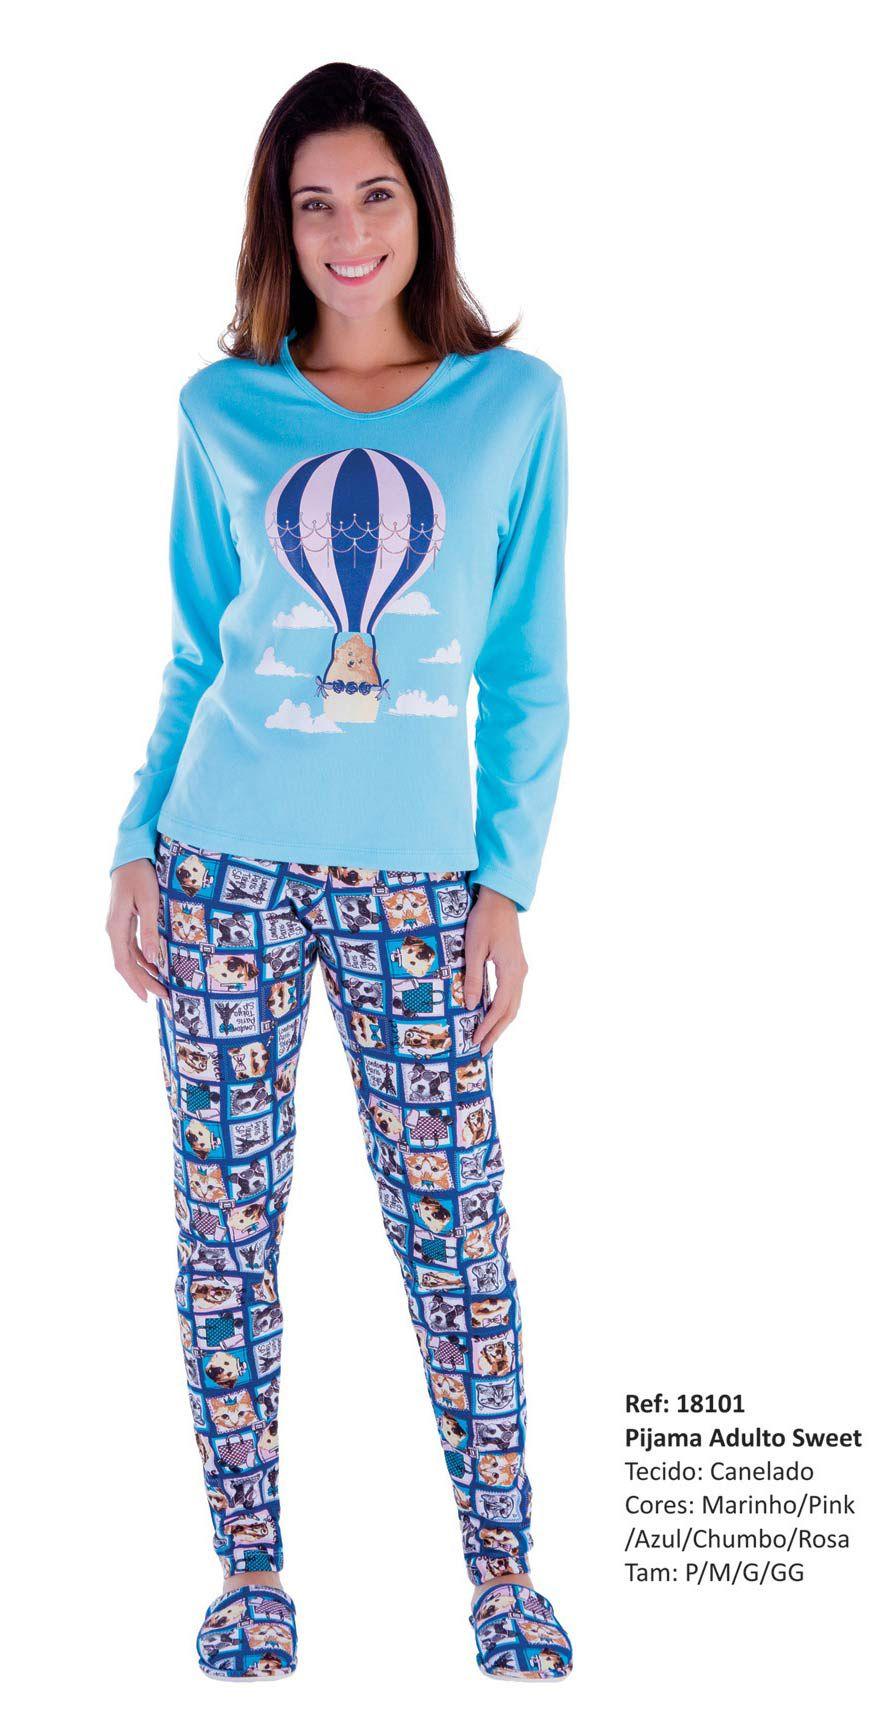 2df23c8e1 Pijama Feminino Inverno Adulto - Victory 18101 - Sedução Lingerie